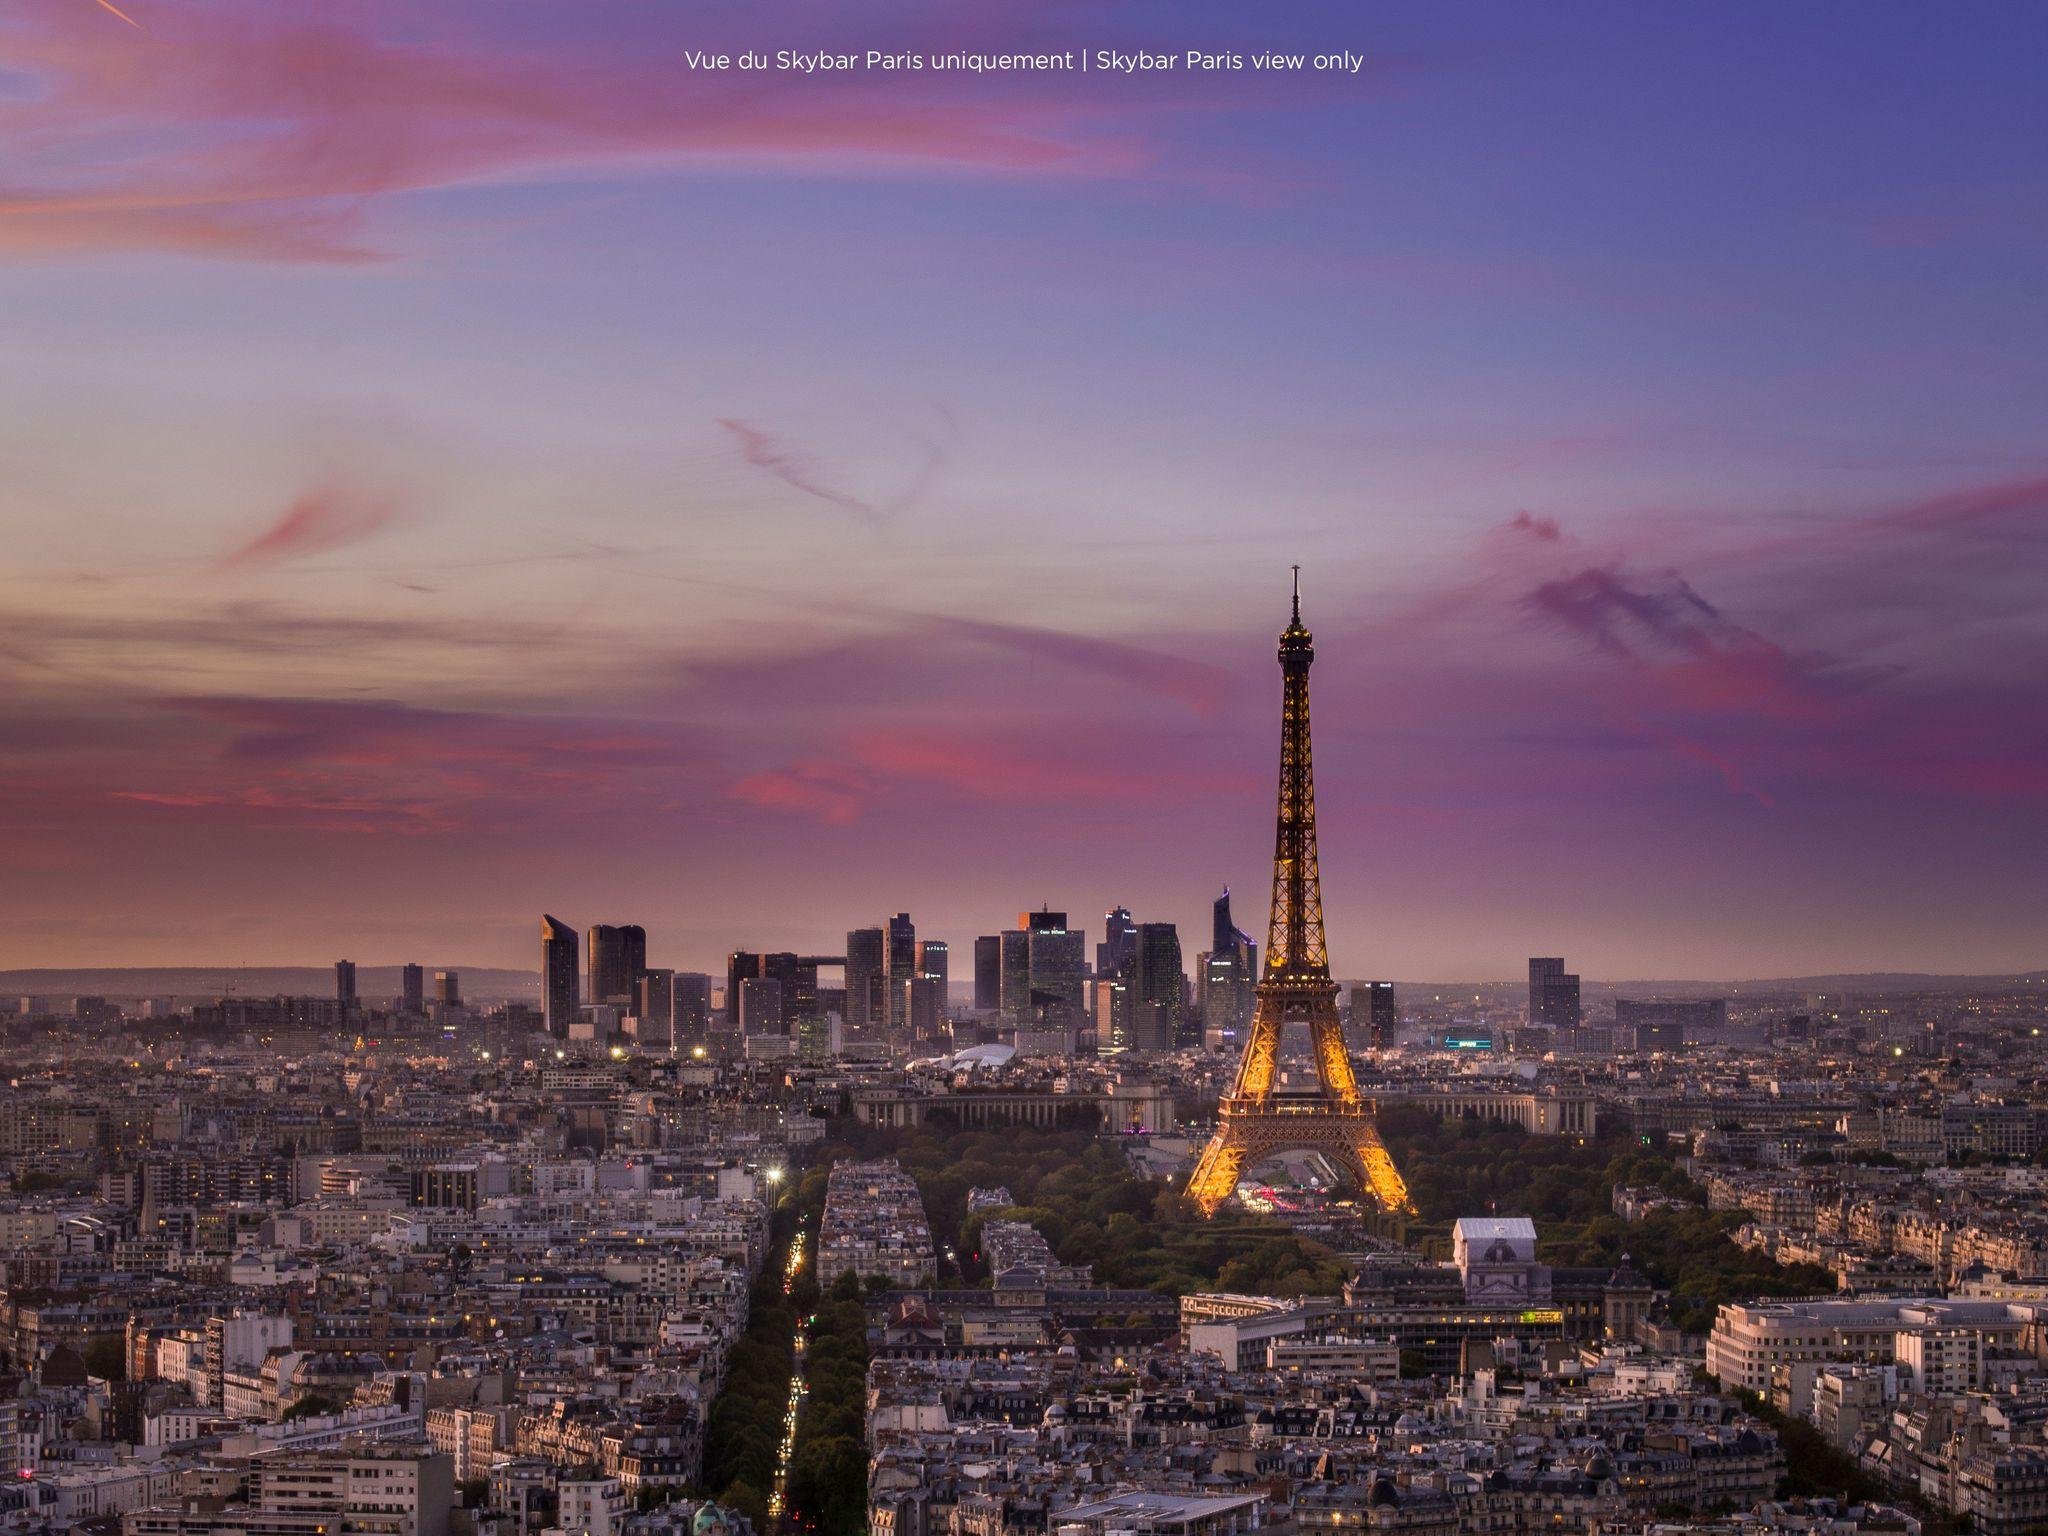 호텔 – 풀만 파리 몽파르나스 - 2019년 8월 말까지 운영 중단